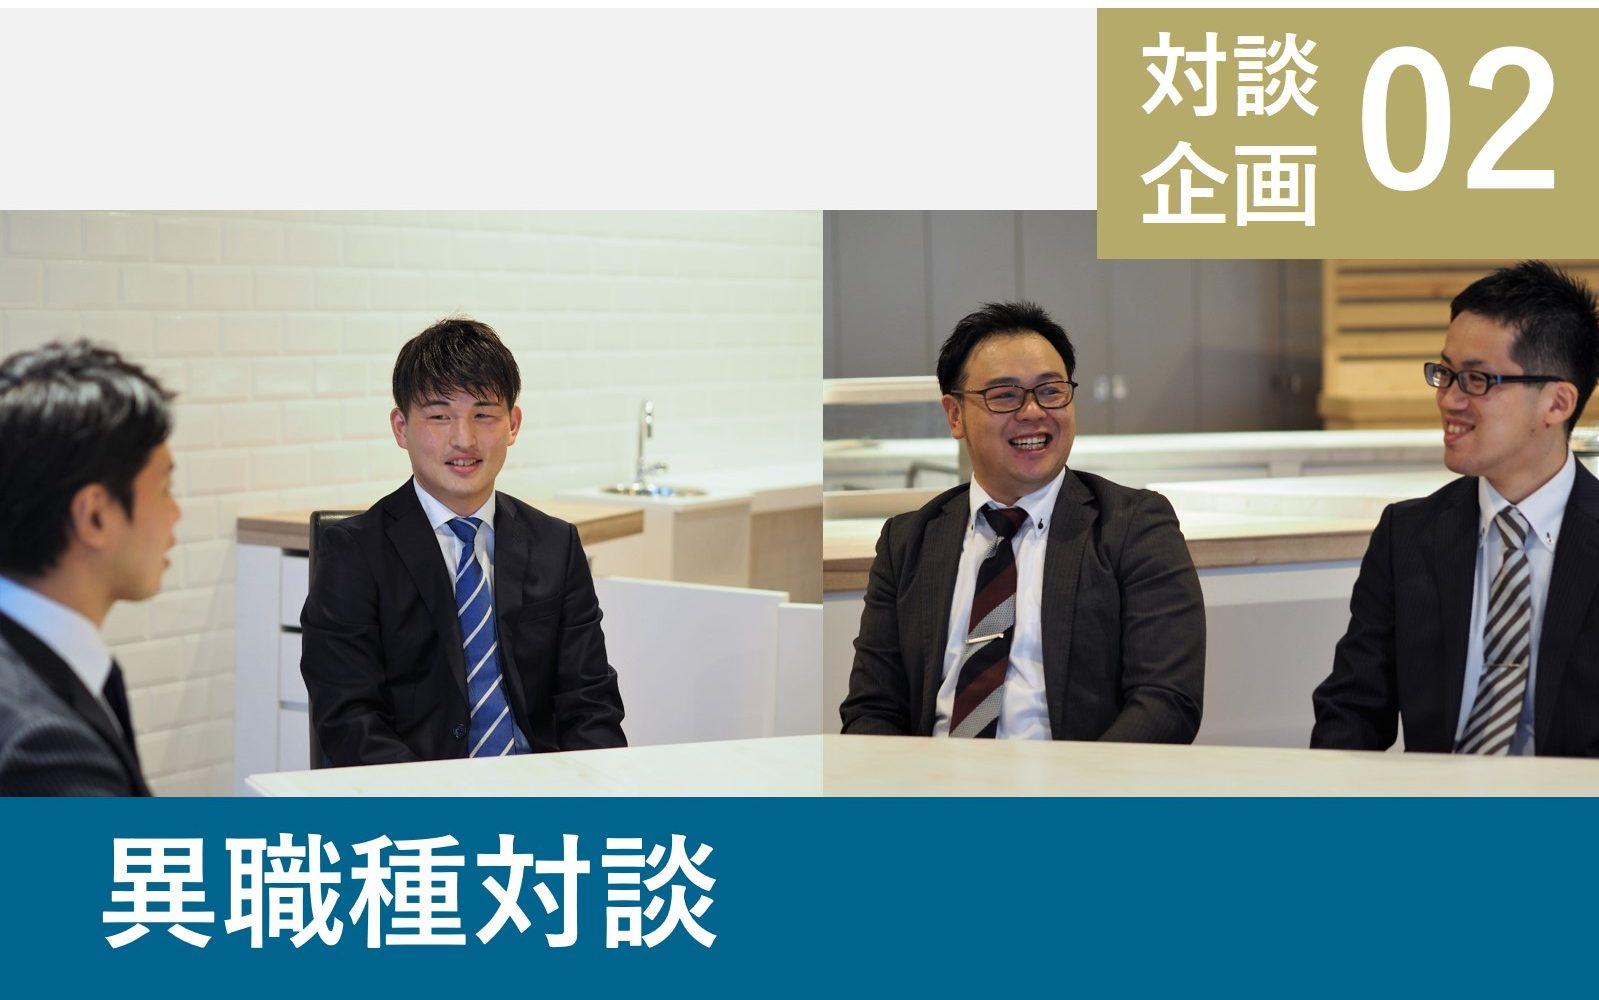 新卒採用総合職 異職種対談